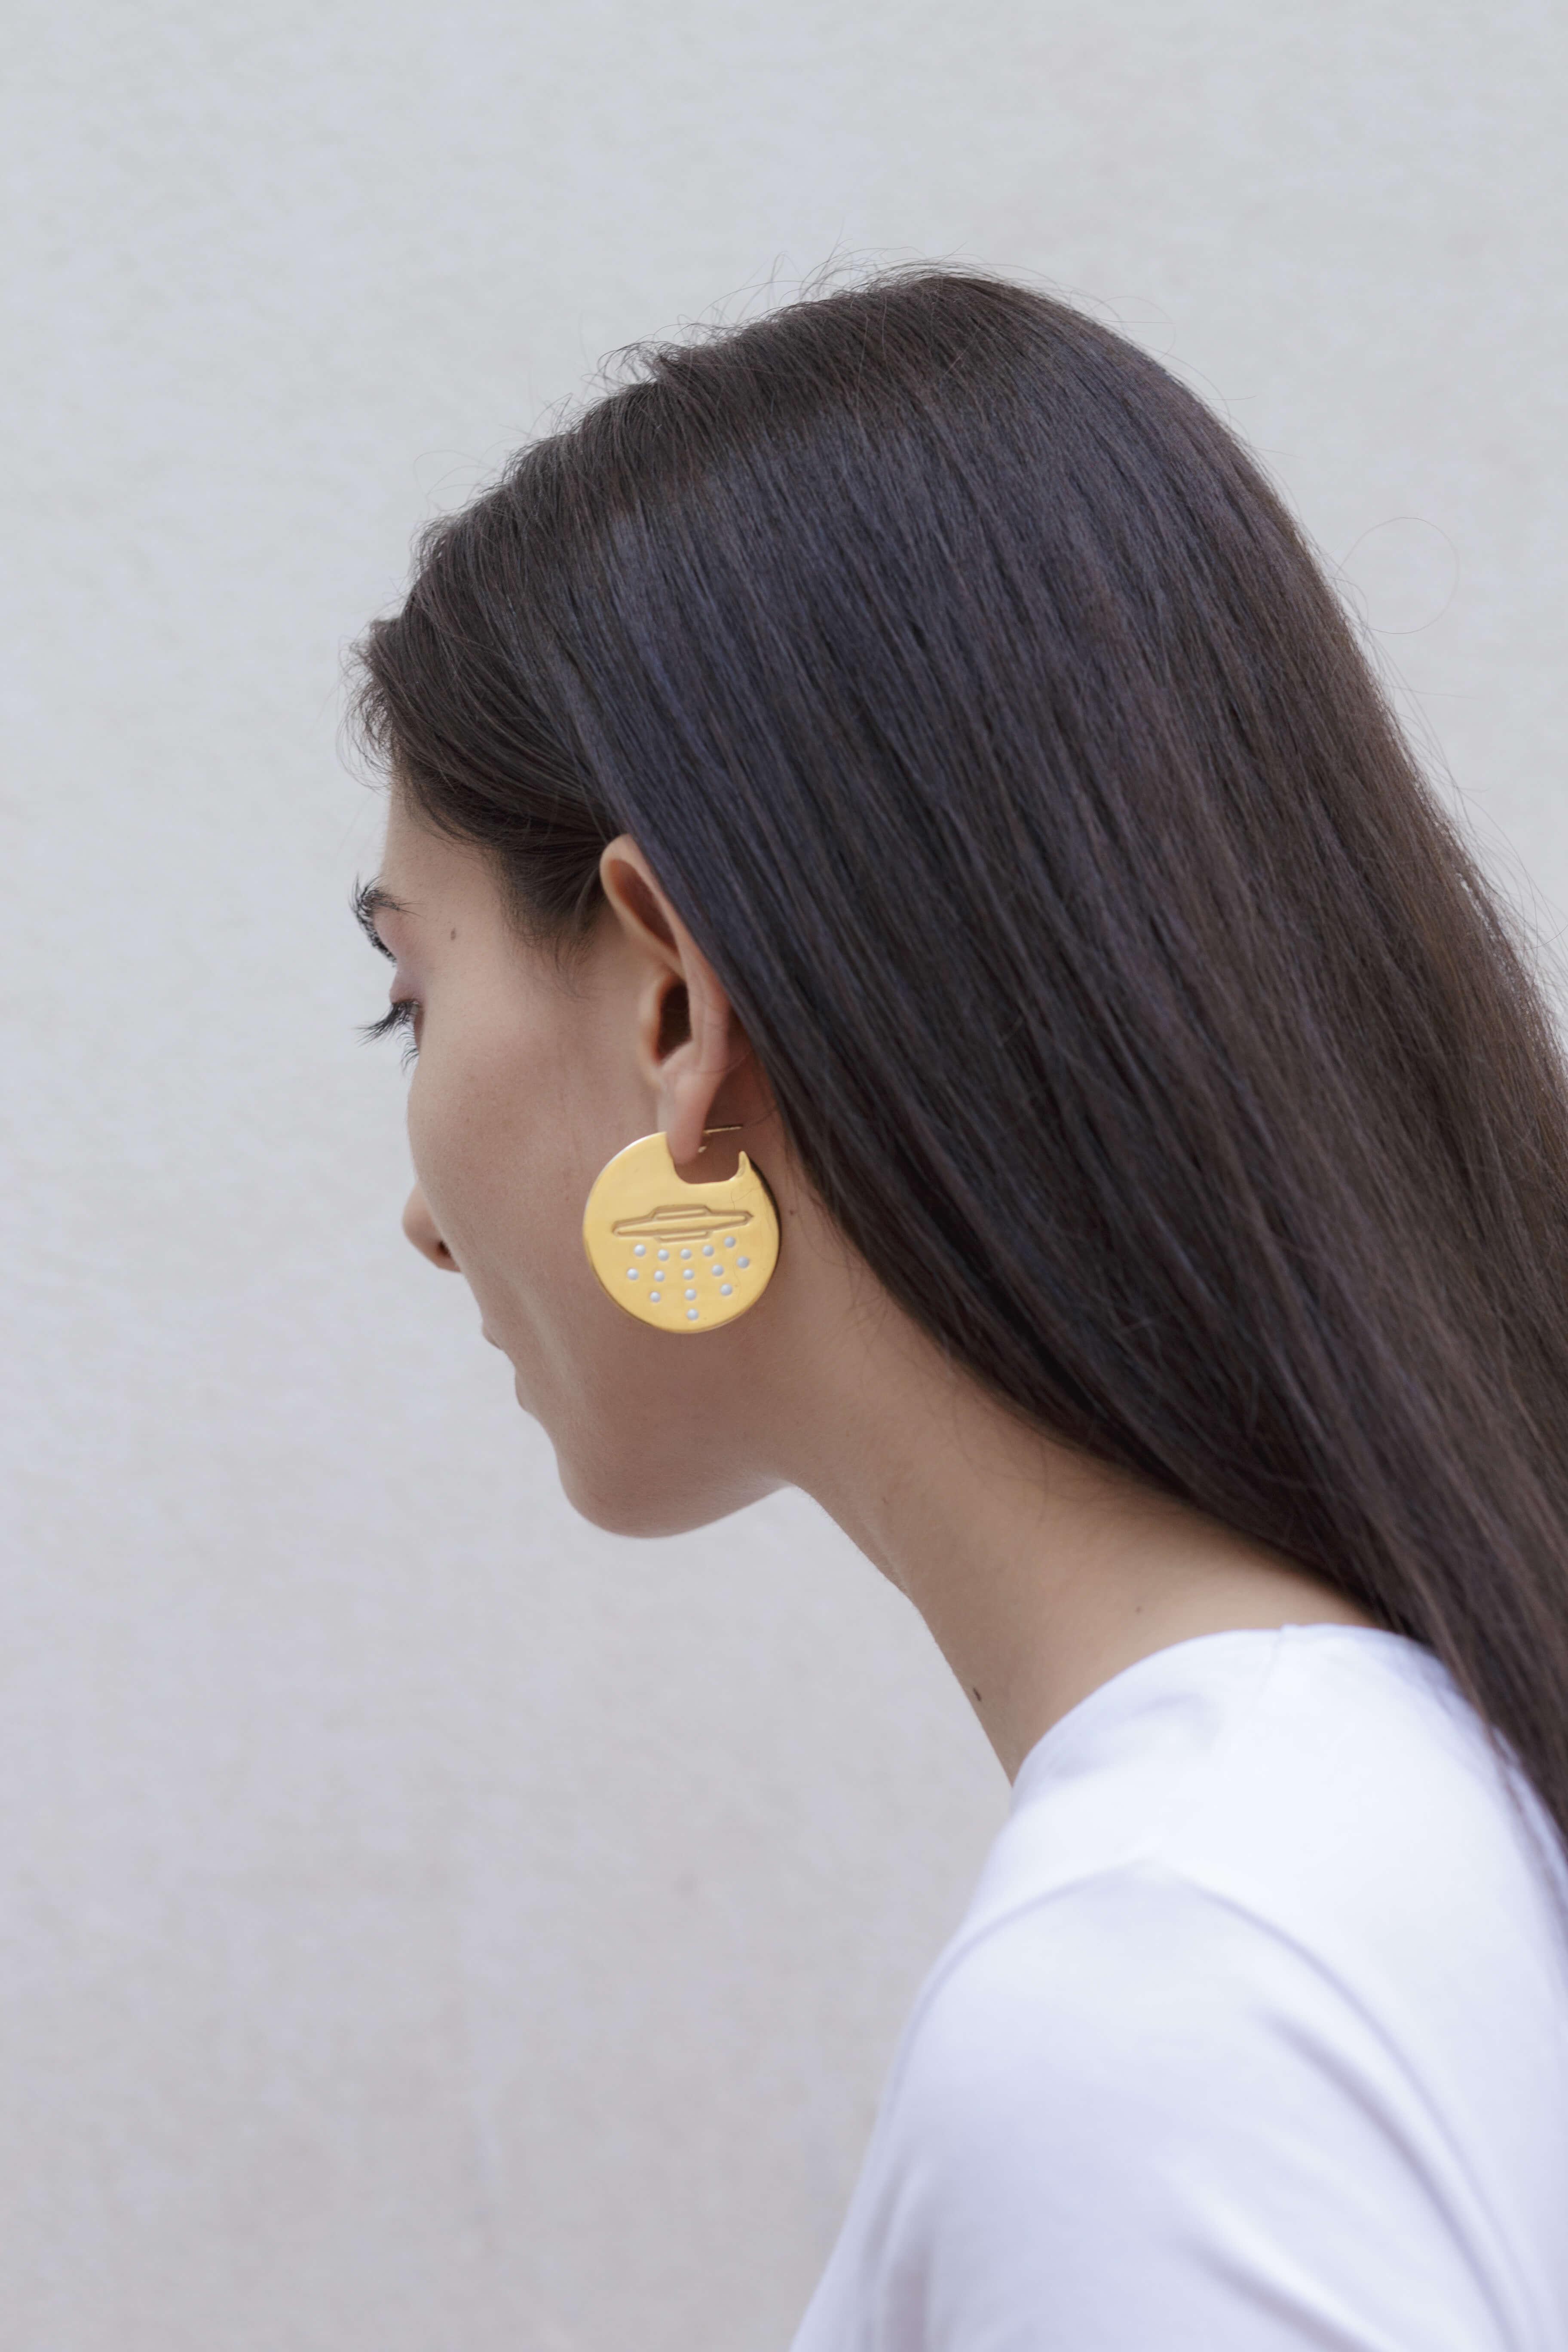 the-ufo-disk-earrings-by-glenda-lopez-lookbook